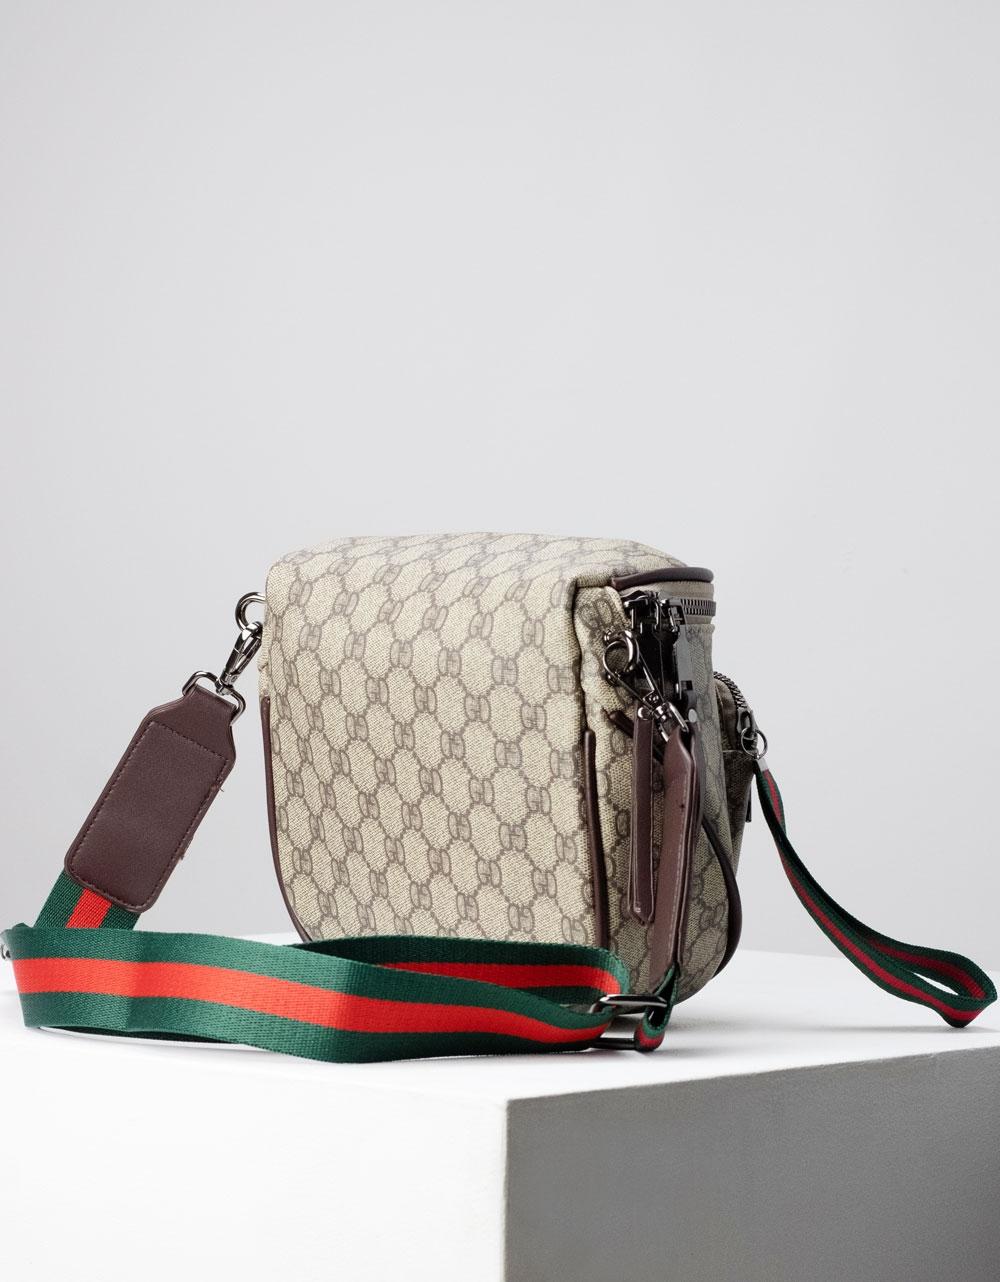 Εικόνα από Γυναικεία τσάντα ώμου & χιαστί με σχέδιο Γκρι